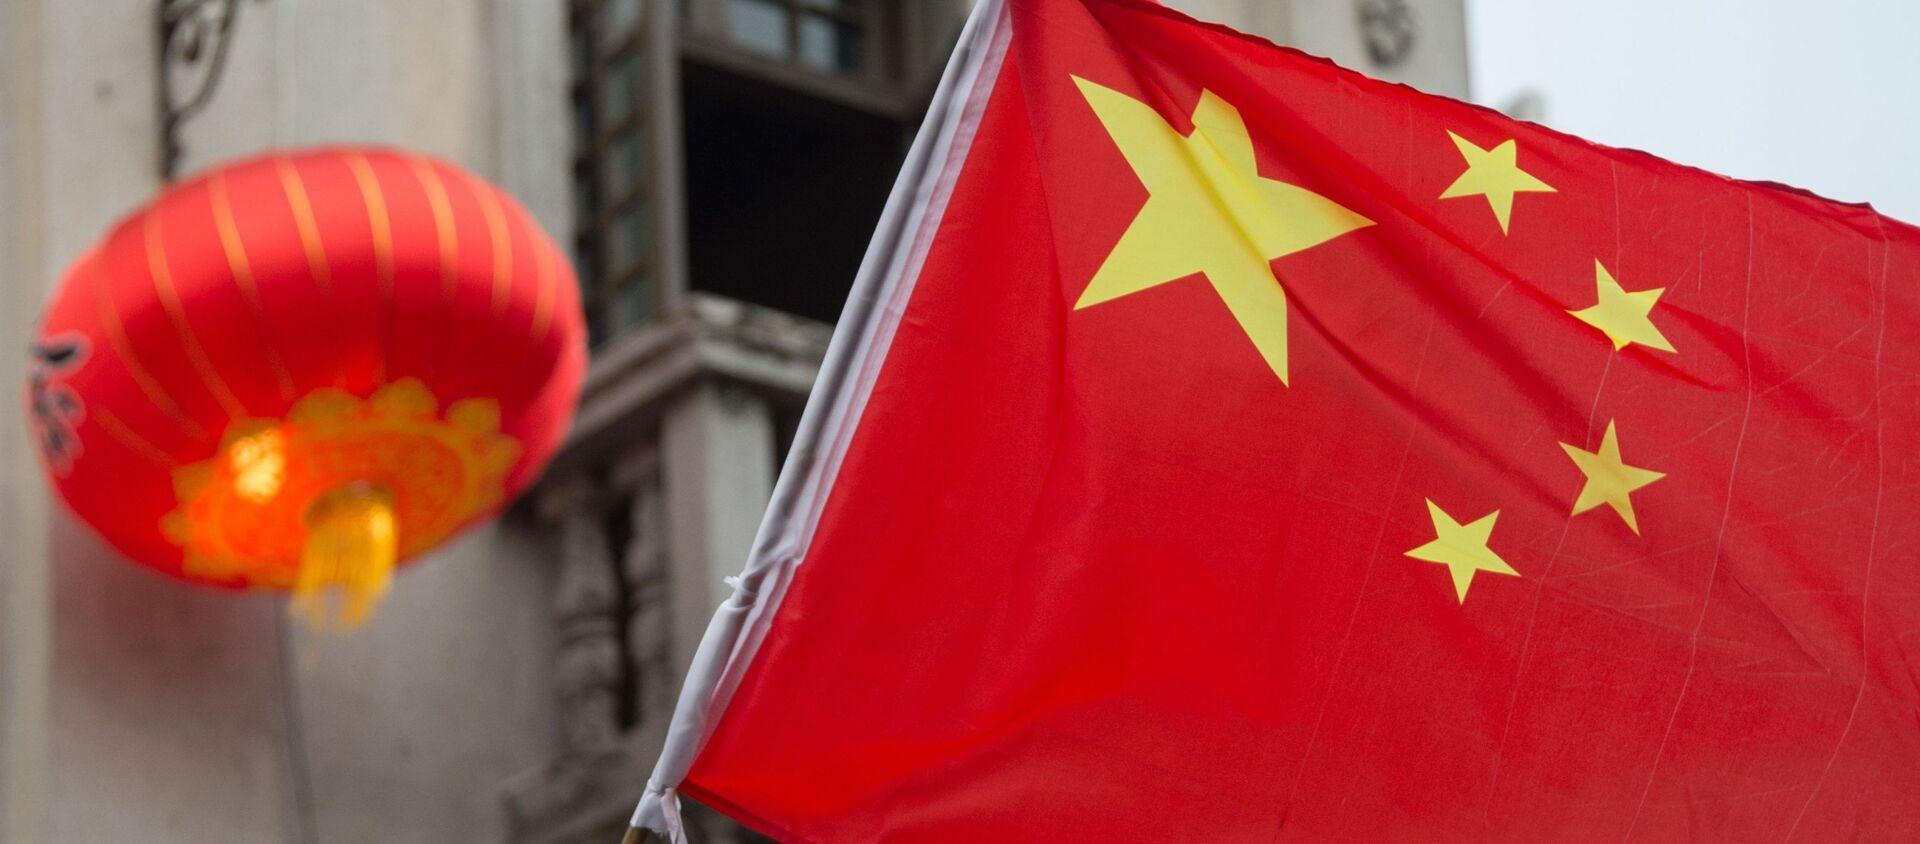 Страны мира. Китай  - Sputnik Արմենիա, 1920, 02.06.2021